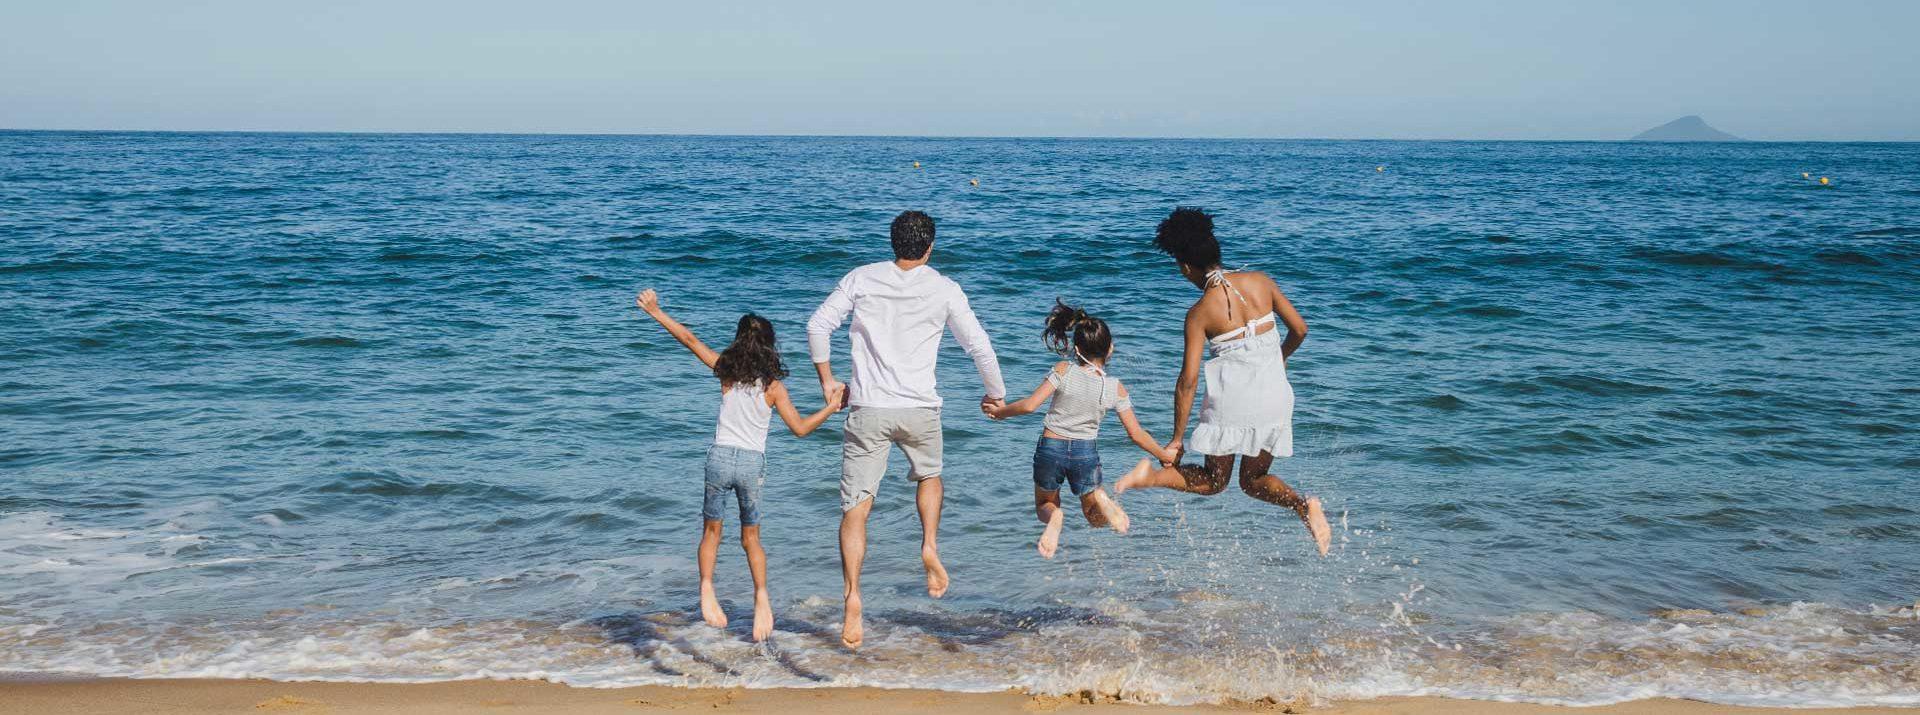 Ofrecemos un servicio especializado con los familiares